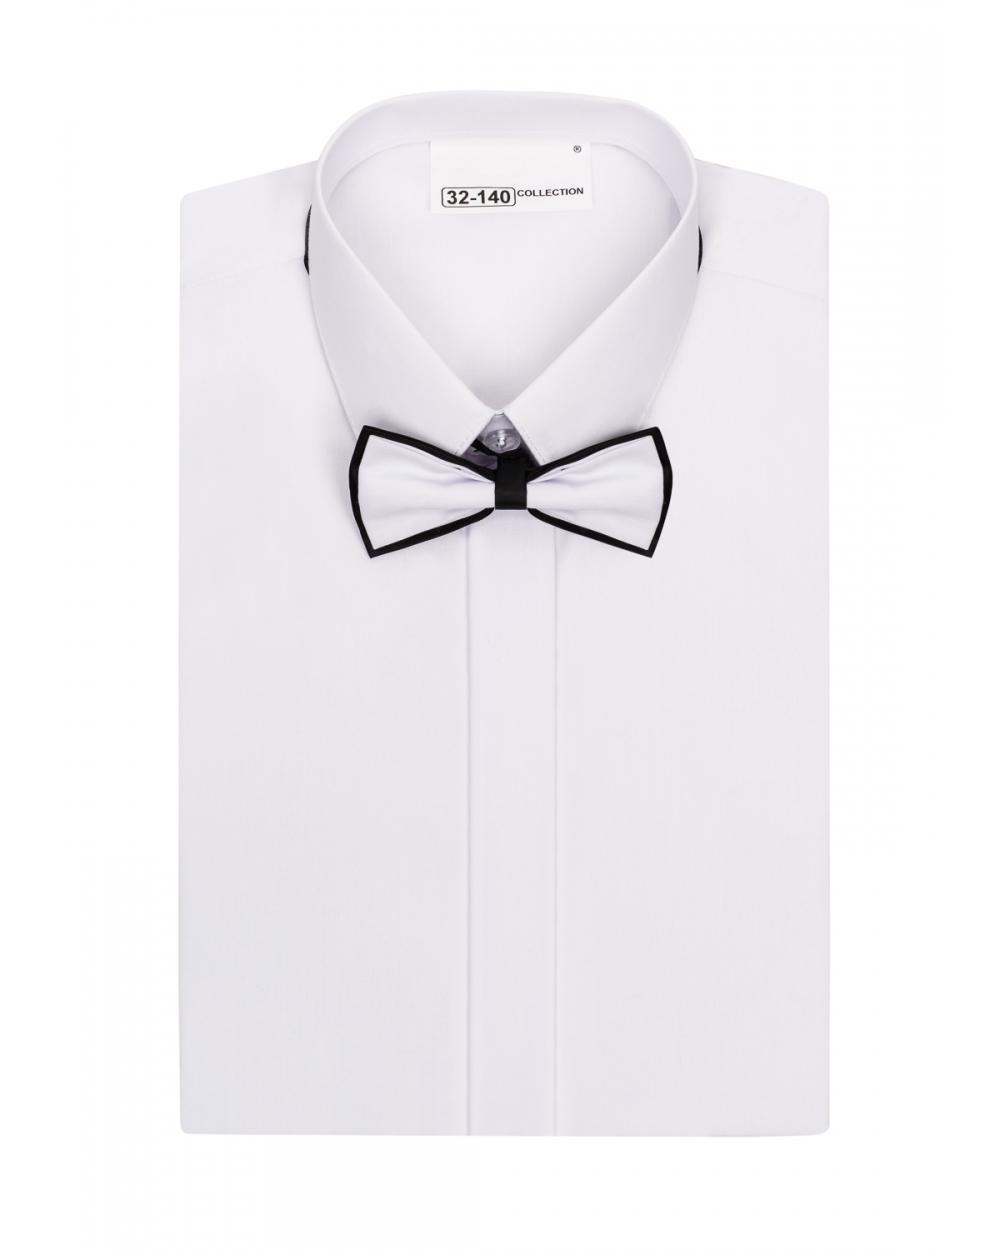 5211f7d070b45 Biała koszula komunijna z muszką dla chłopca 86-172 .